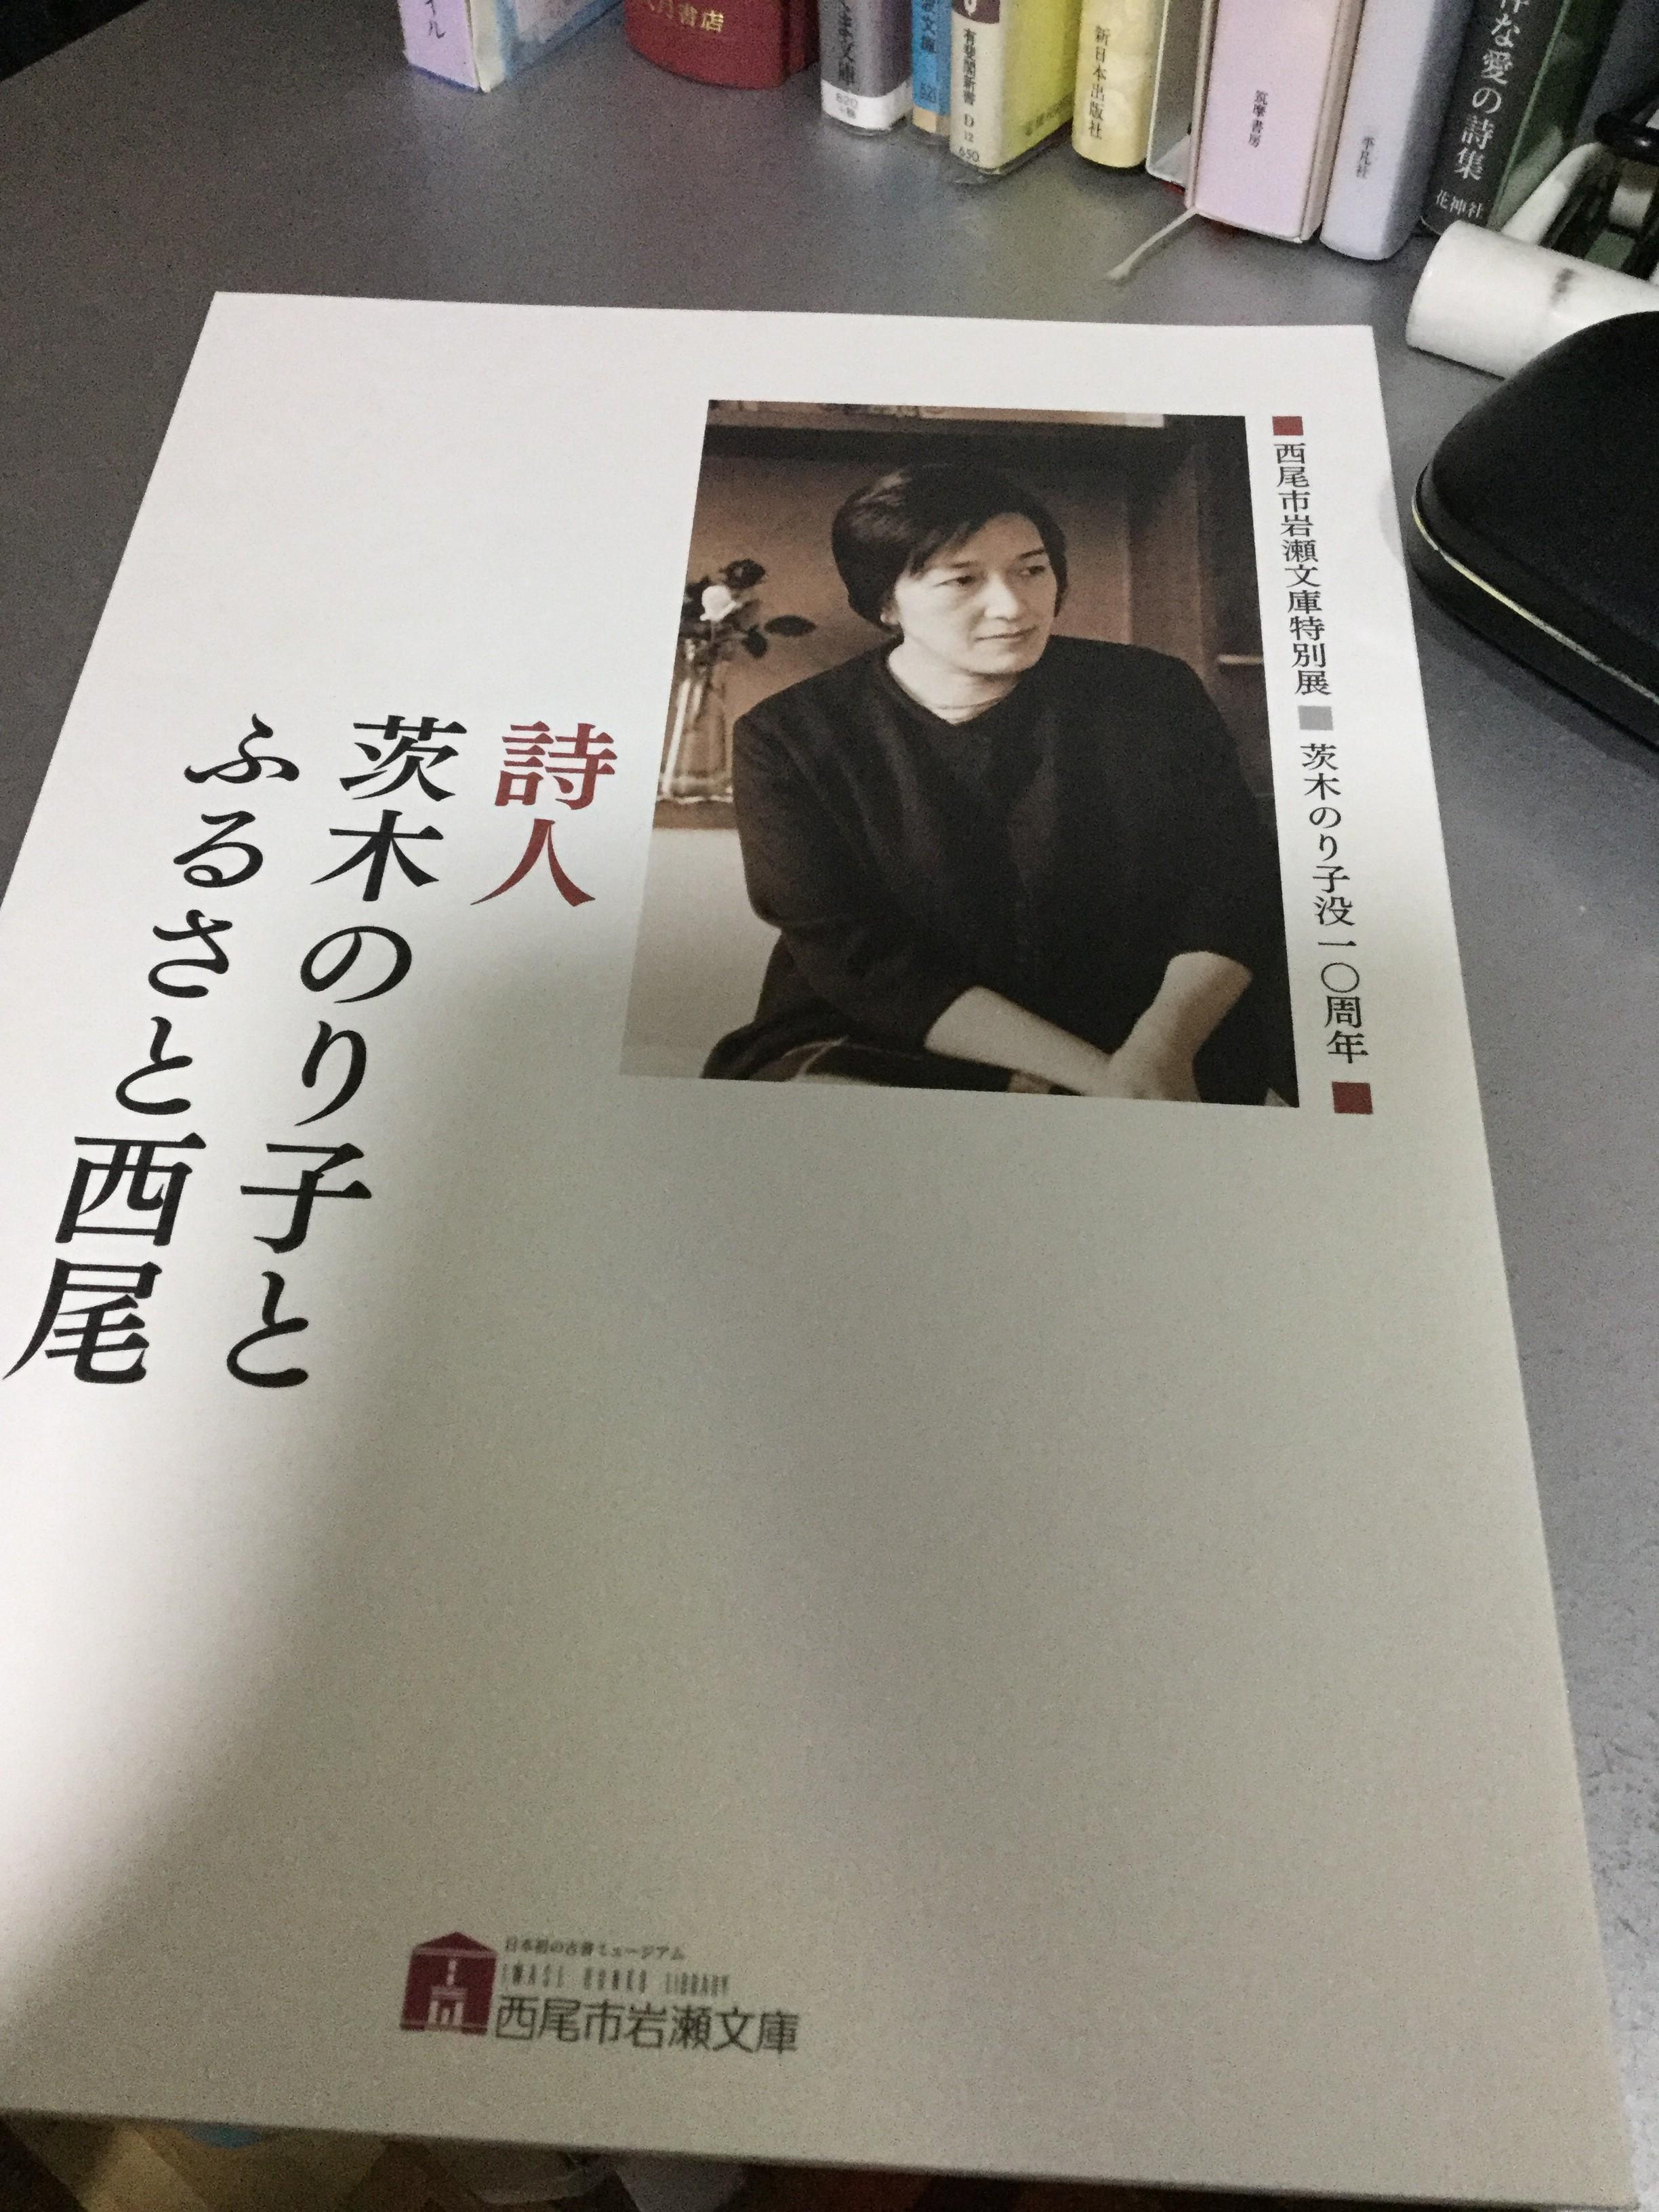 詩人 茨木のり子とふるさと西尾